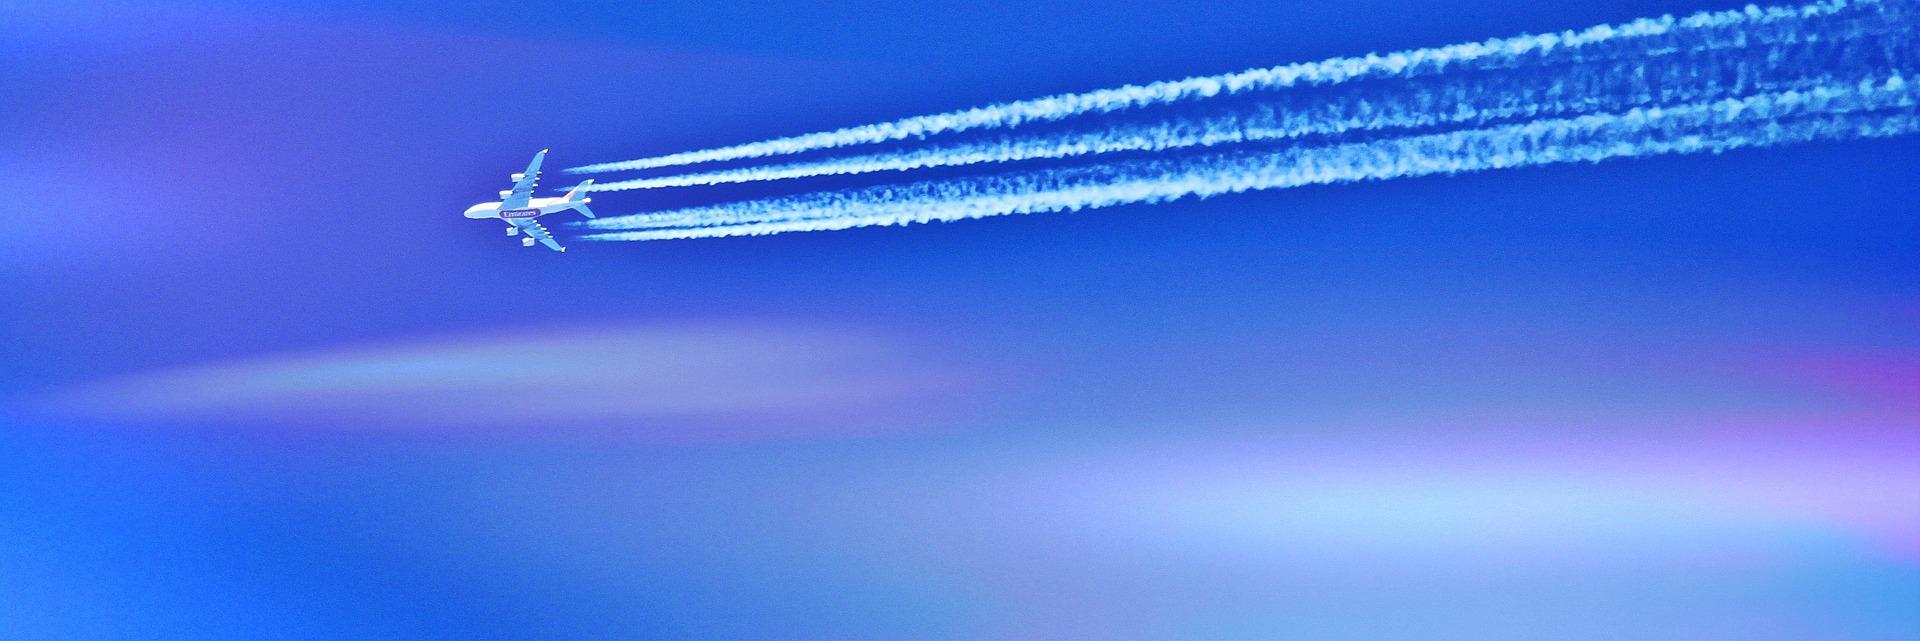 Kreski na niebie za samolotem – Grzegorz Brychczyński